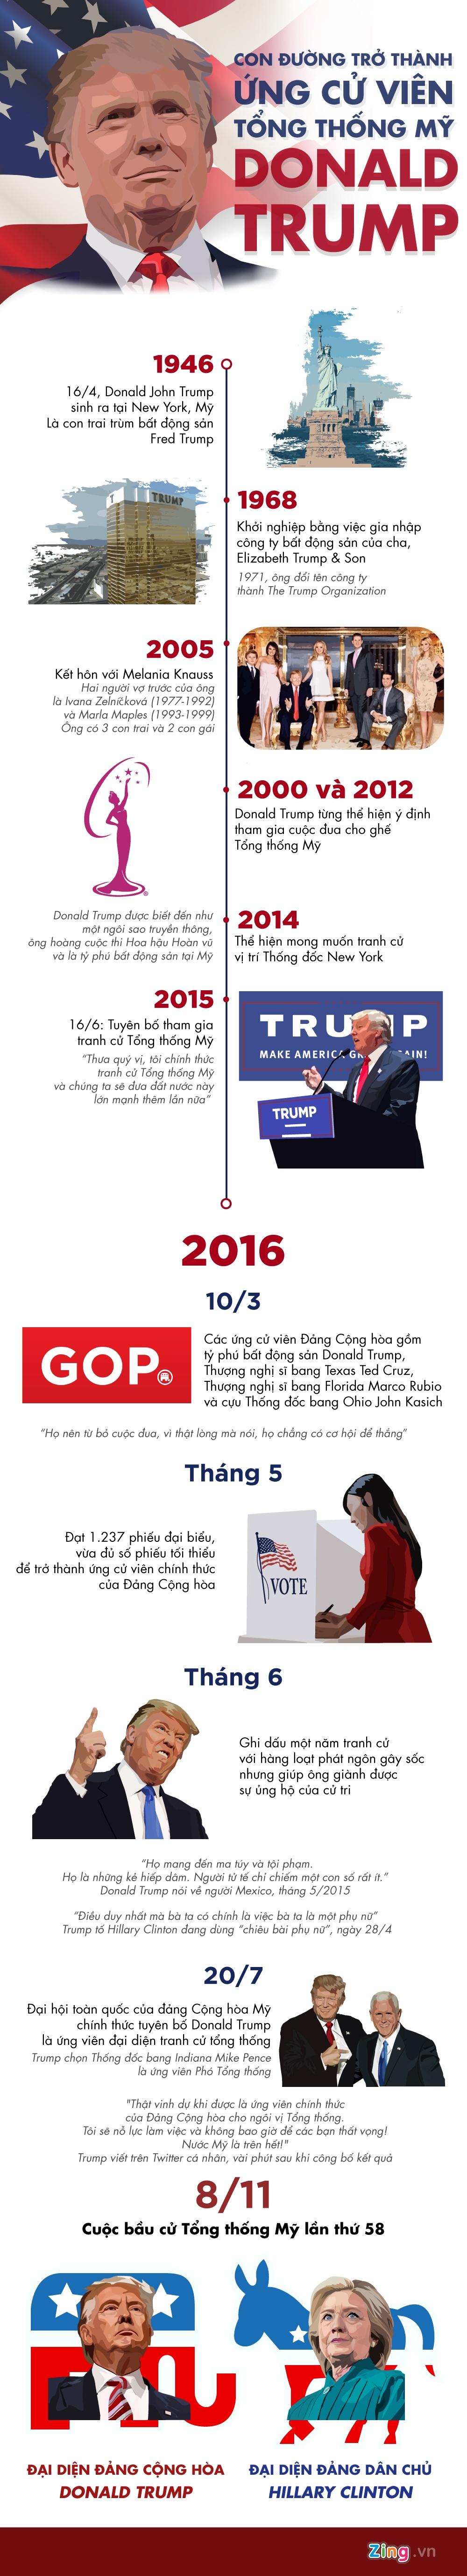 Con duong tro thanh ung vien tong thong cua Donald Trump hinh anh 1